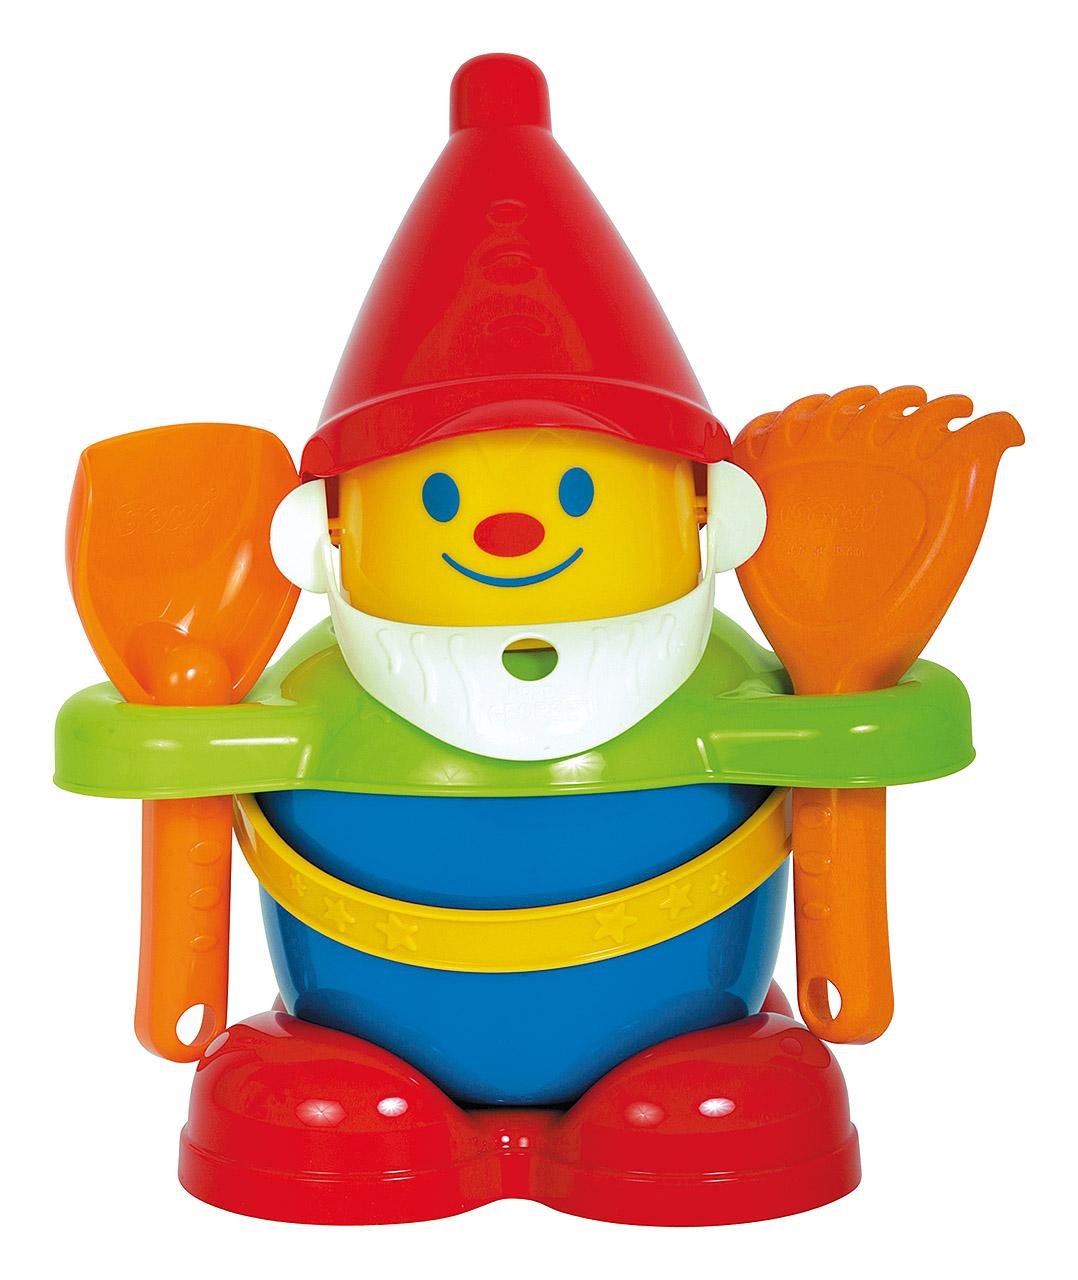 gowi happy george set sandspielzeug strandspielzeug eimer sandkasten spielzeug ebay. Black Bedroom Furniture Sets. Home Design Ideas